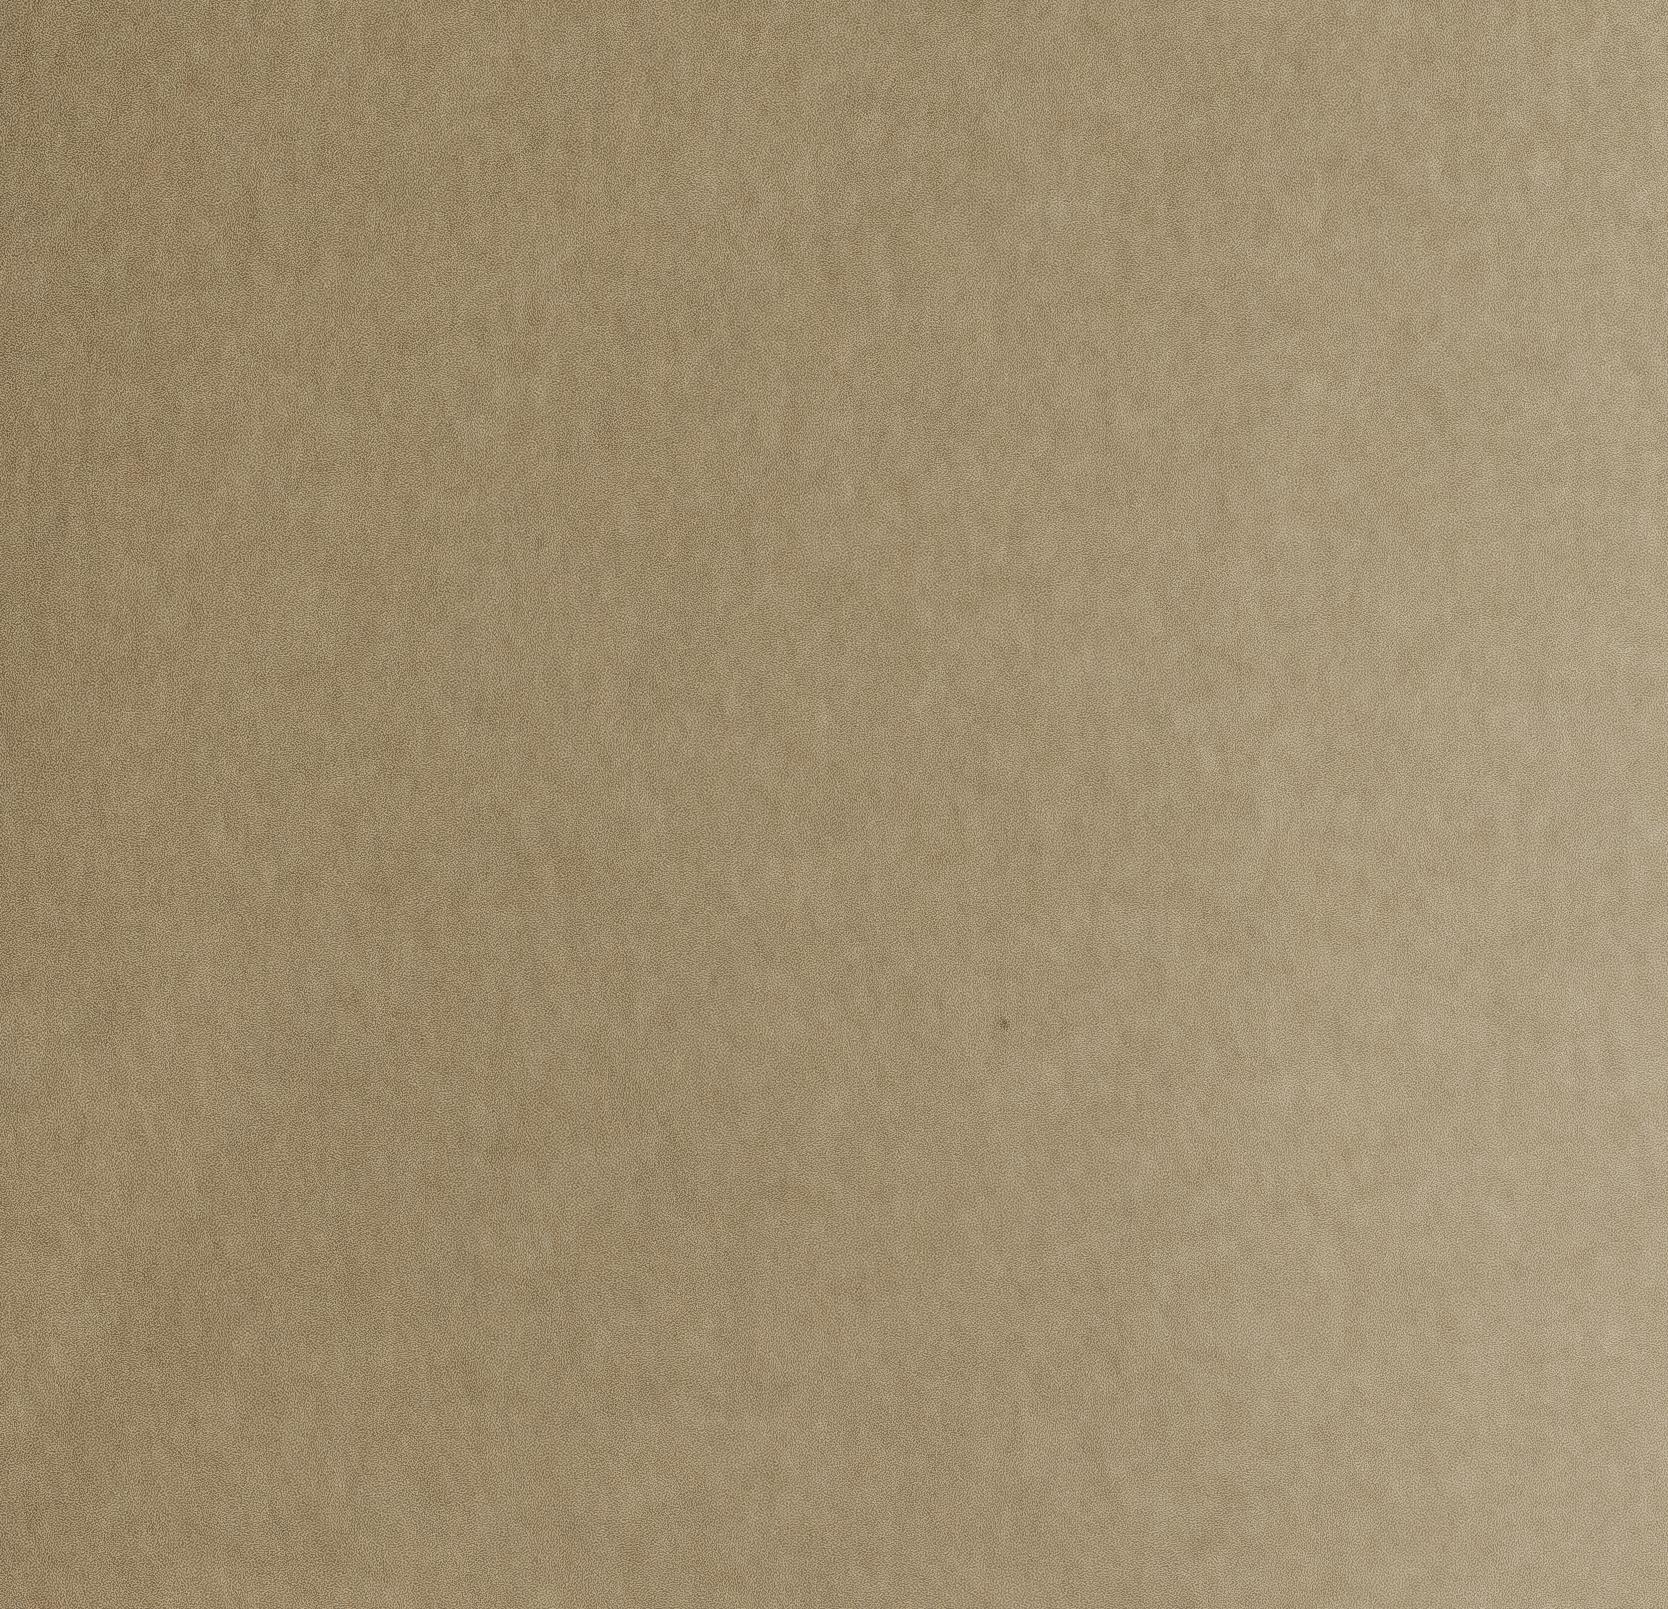 Naturkarton Braun